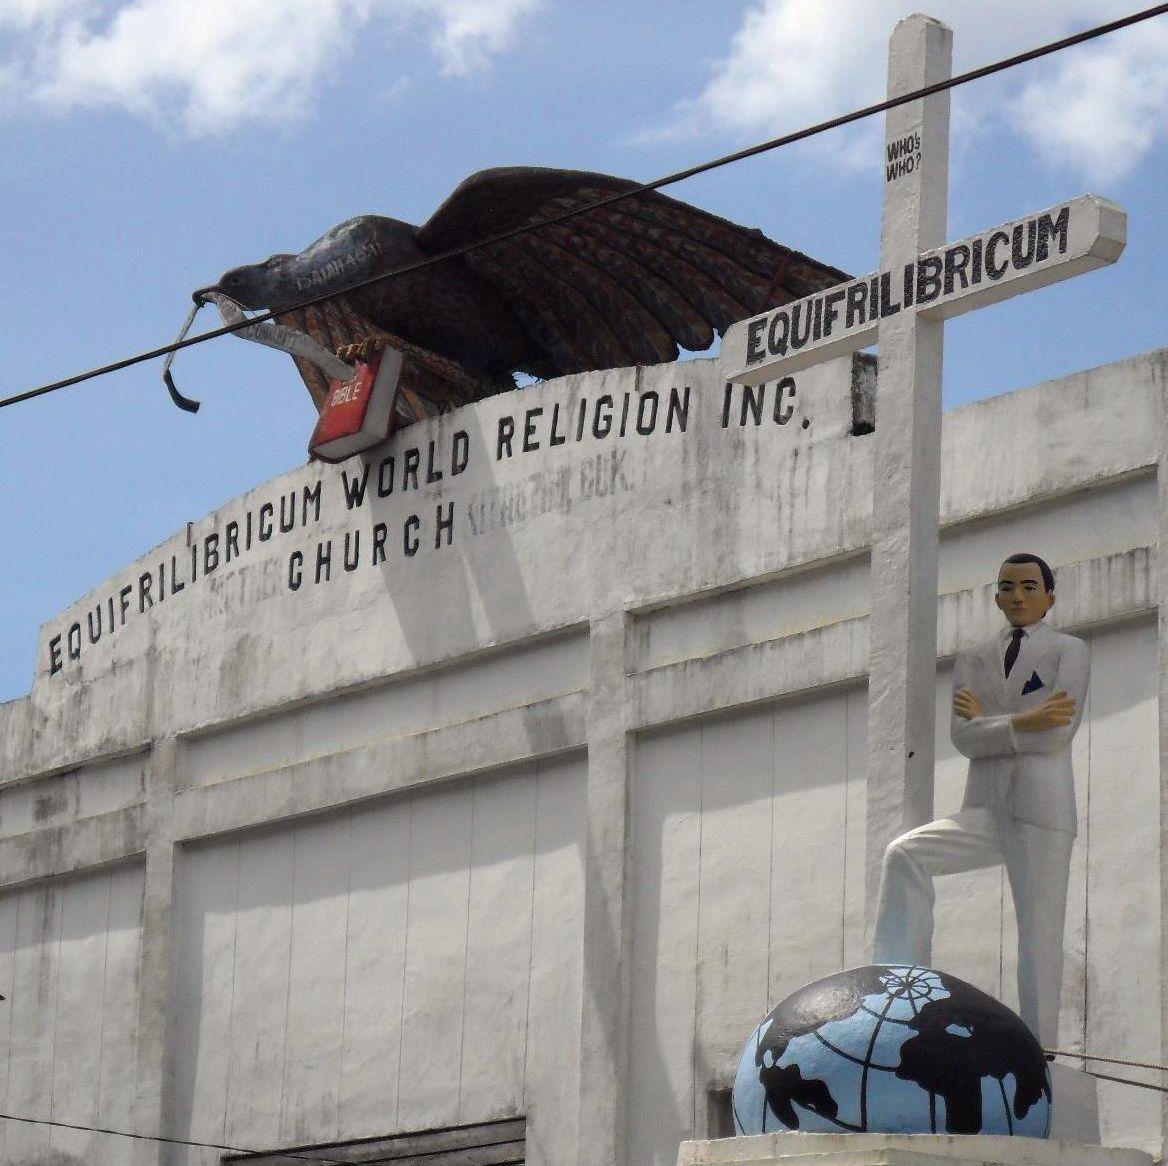 Equifrilibricum World Religion_2